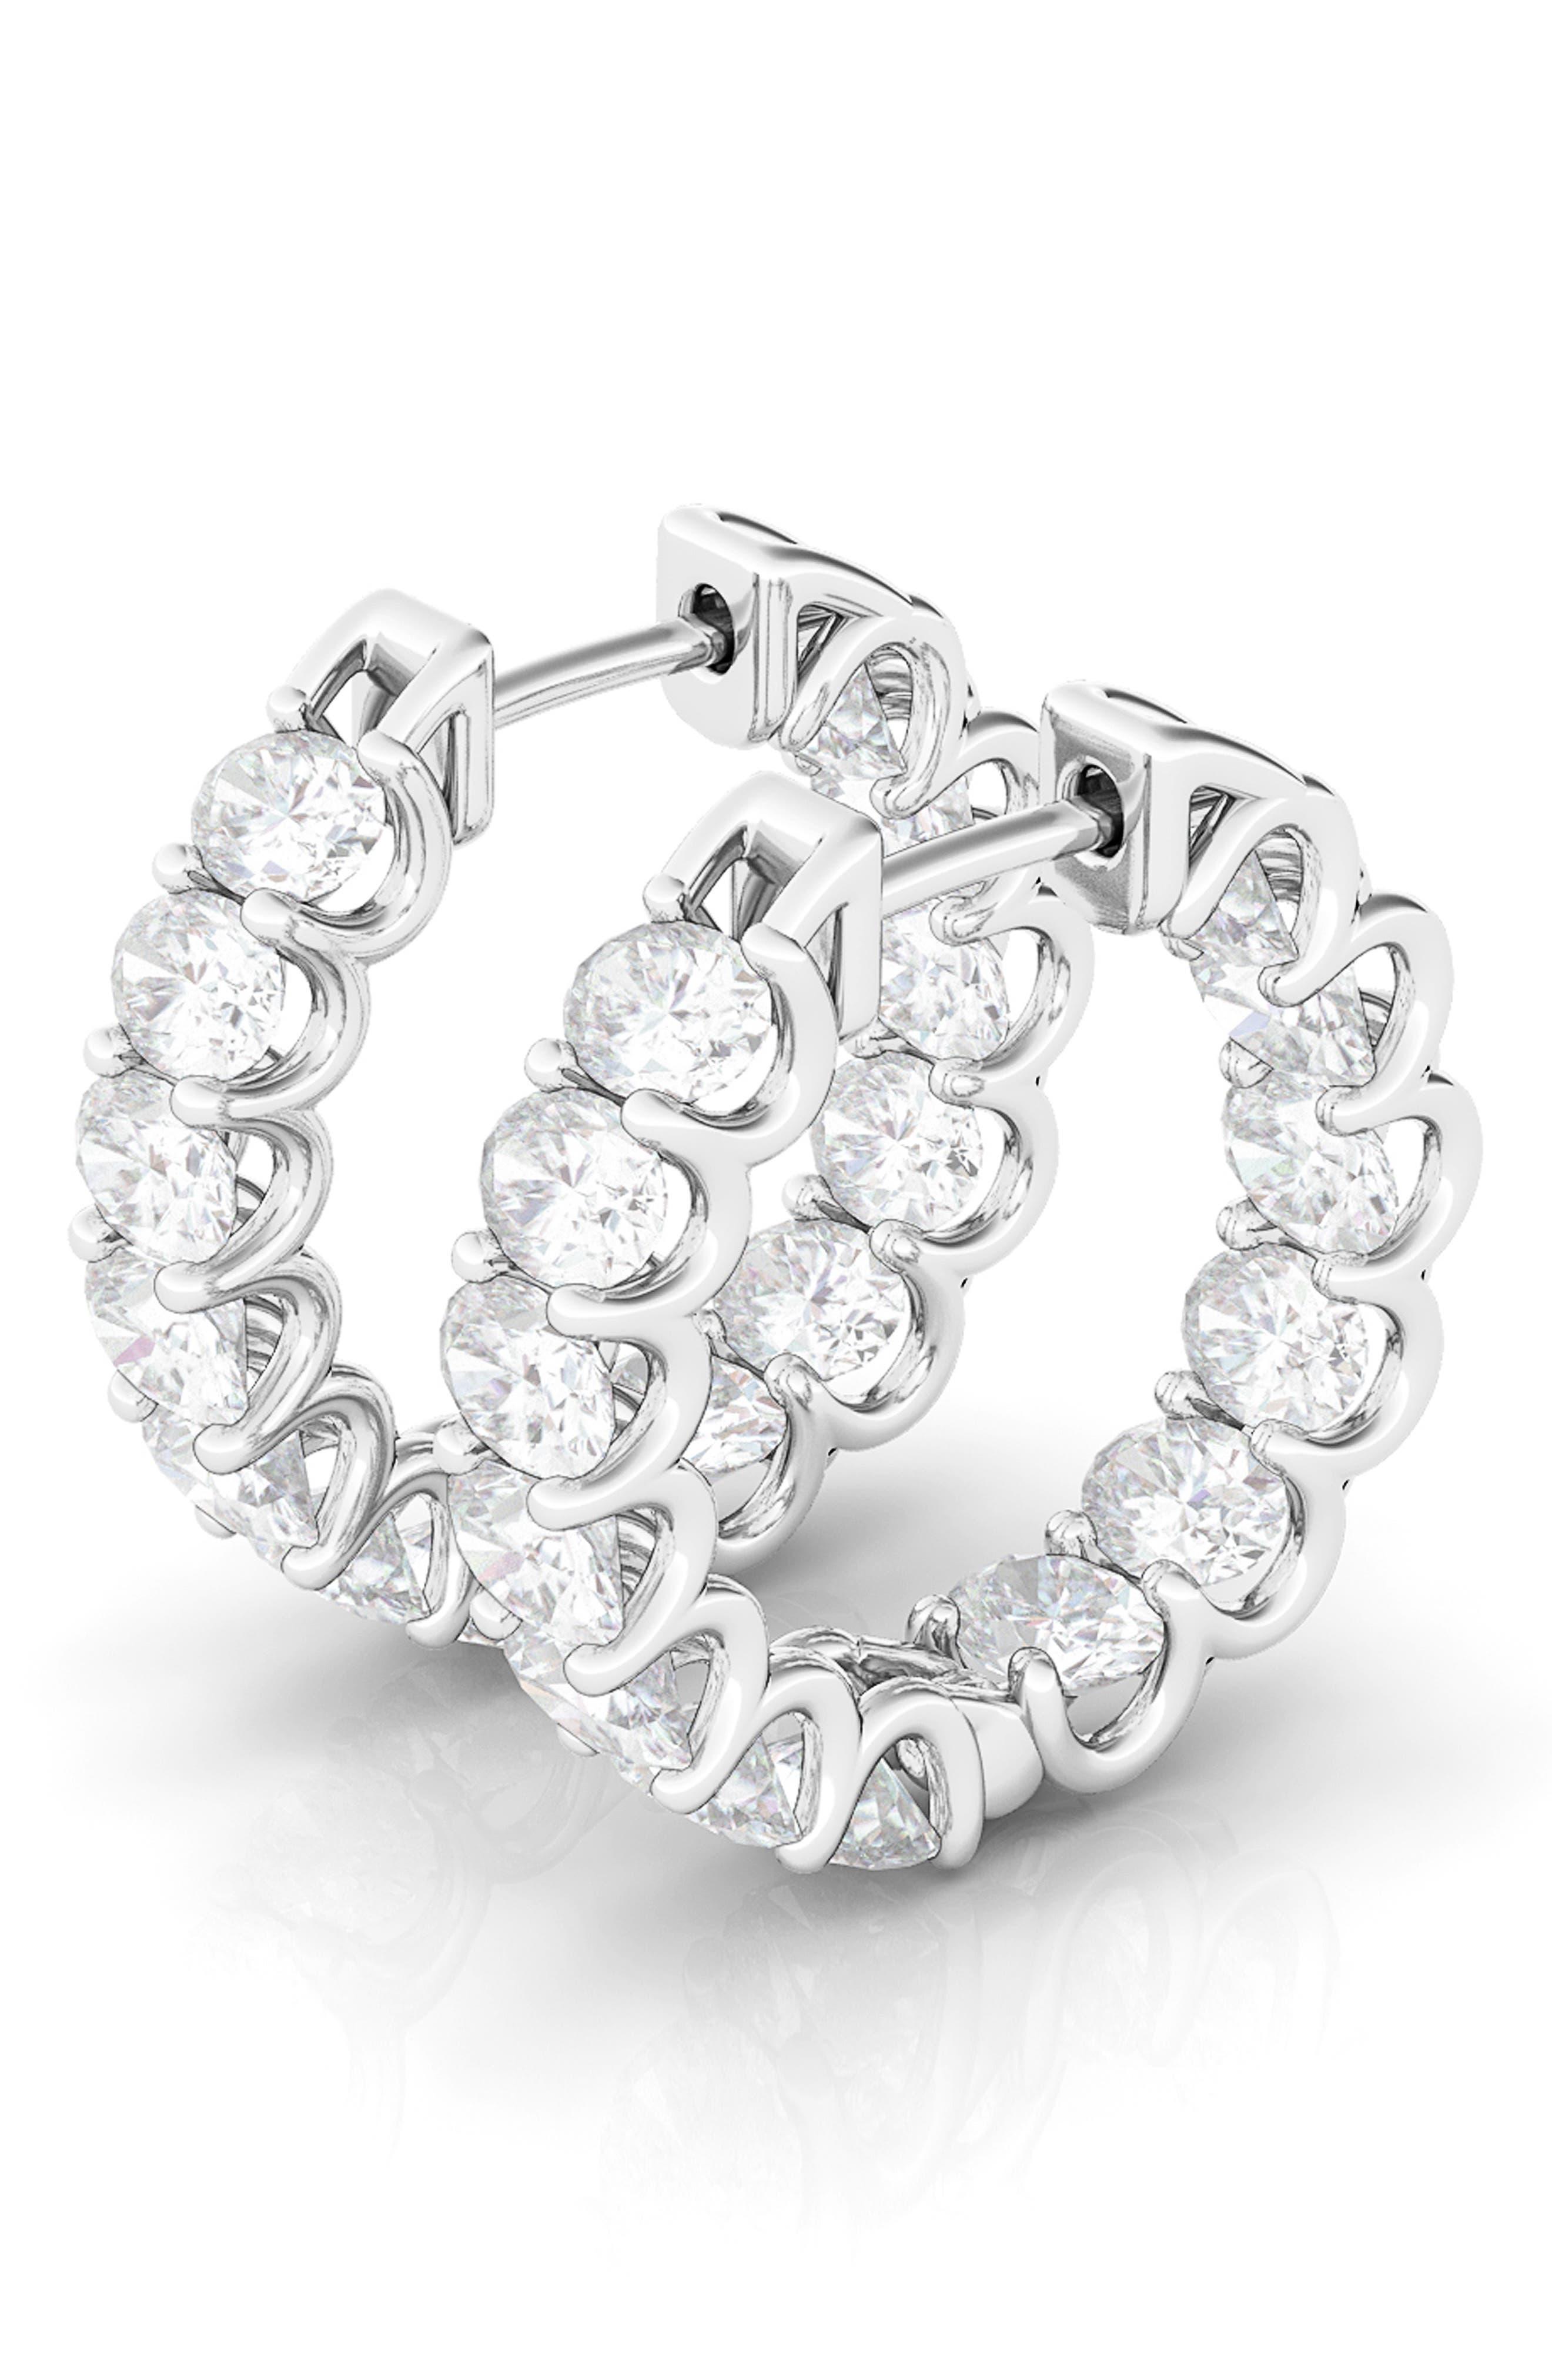 Oval Sideways Lab-Created Diamond Inside Out 14K Gold Hoop Earrings